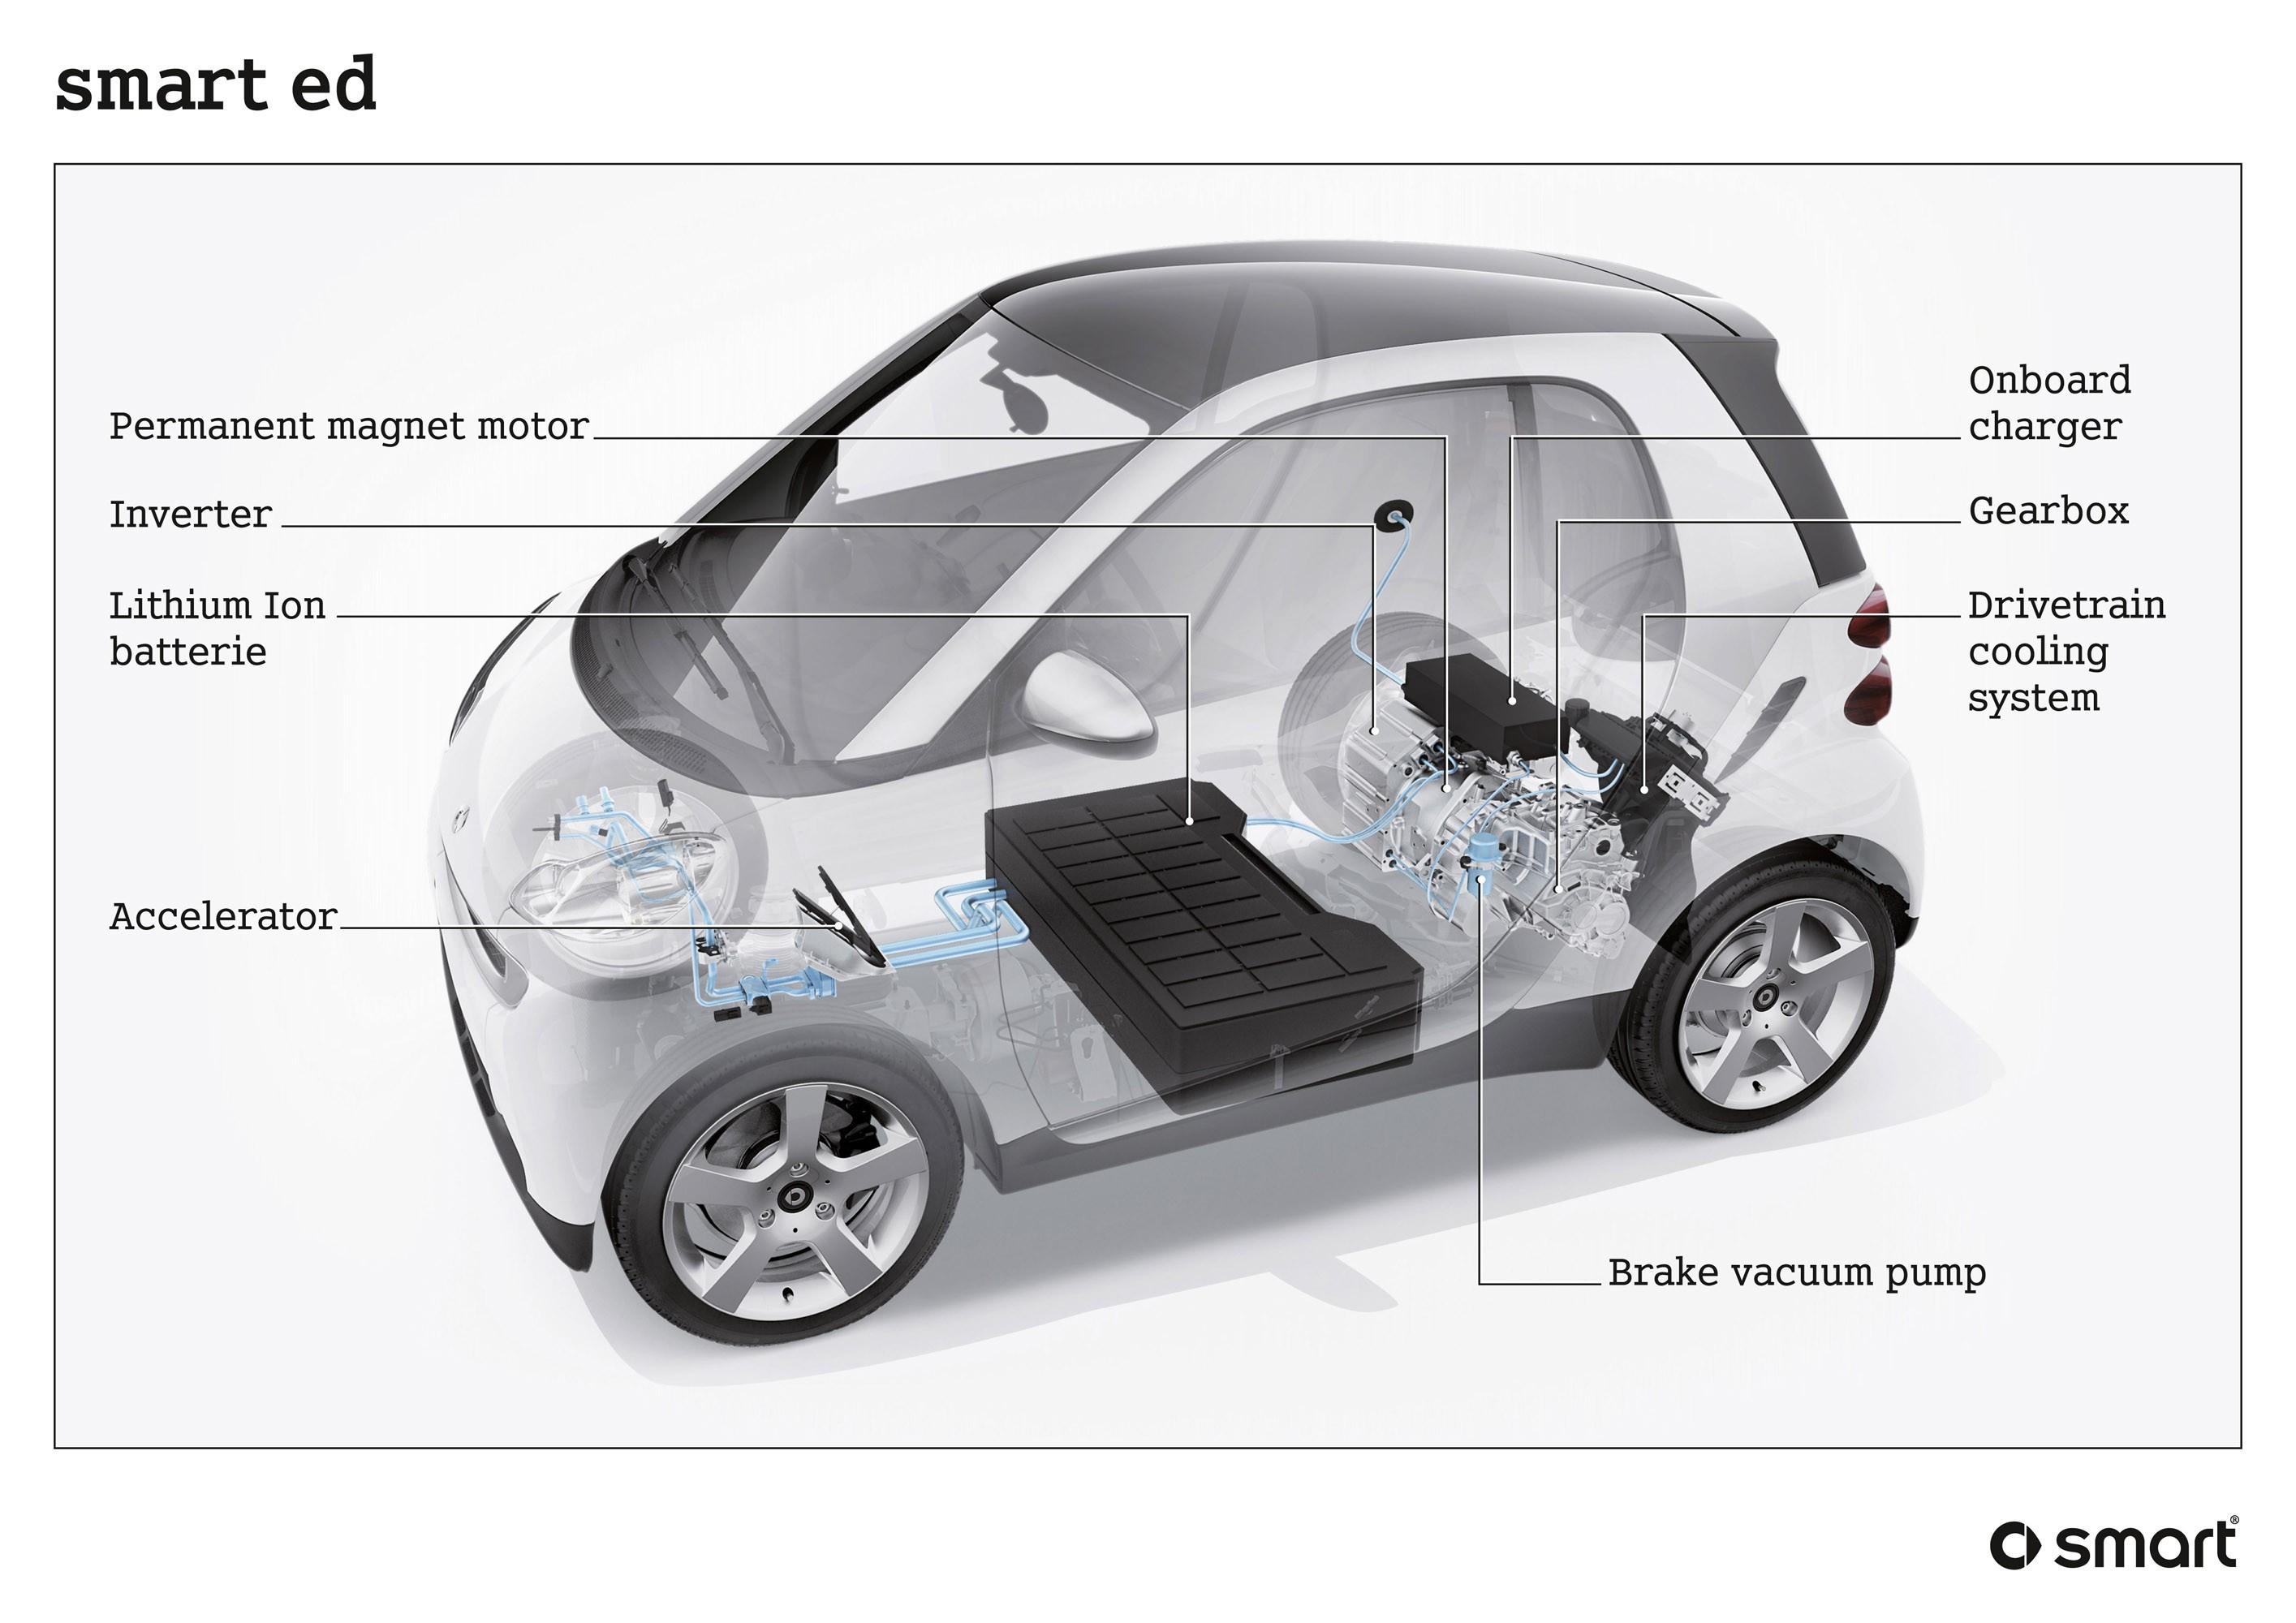 Diagram Of All Car Parts Smart Car Diagrams Wiring Diagram Options Of Diagram Of All Car Parts